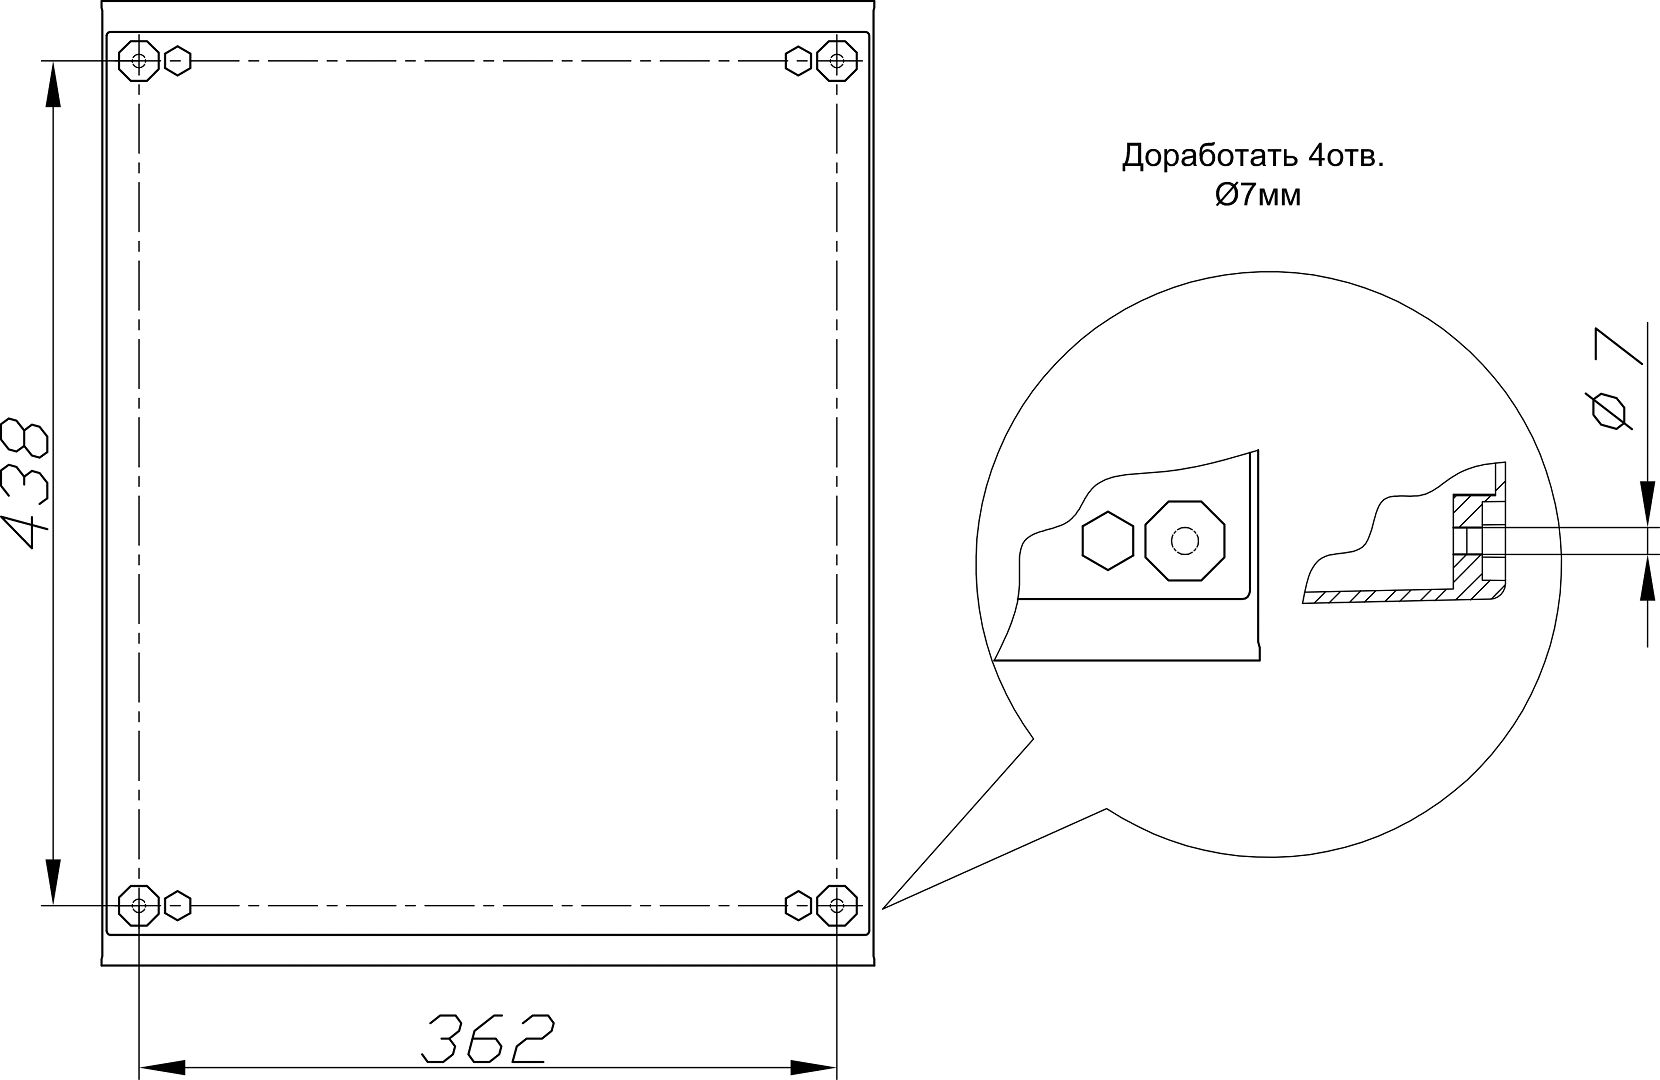 Отверстия для крепления к стене предусмотрены на задней стенке термошкафа ТШП-3